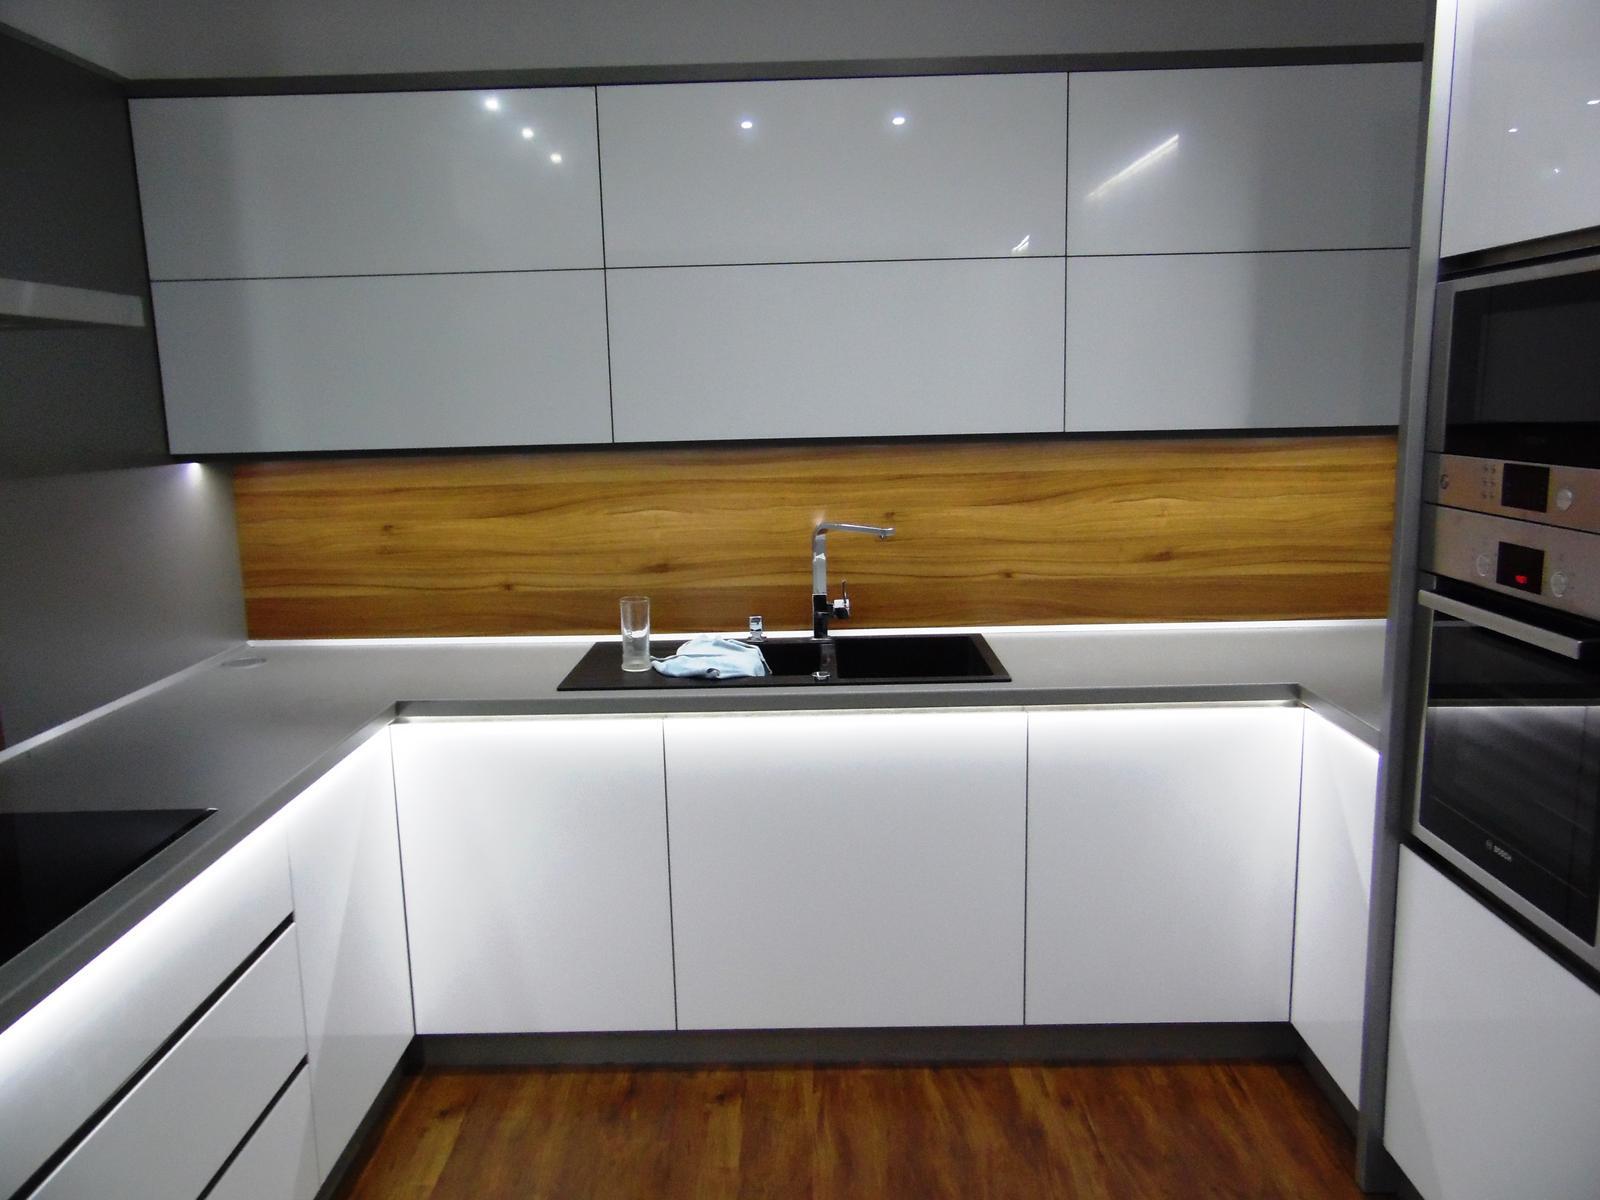 Kuchyňské linky....realizace - Vysoký bílý lesk stříkaný na čelních plochách,kombinovaný s ořechem evropským.Deska titan a osvětlení LED studená.